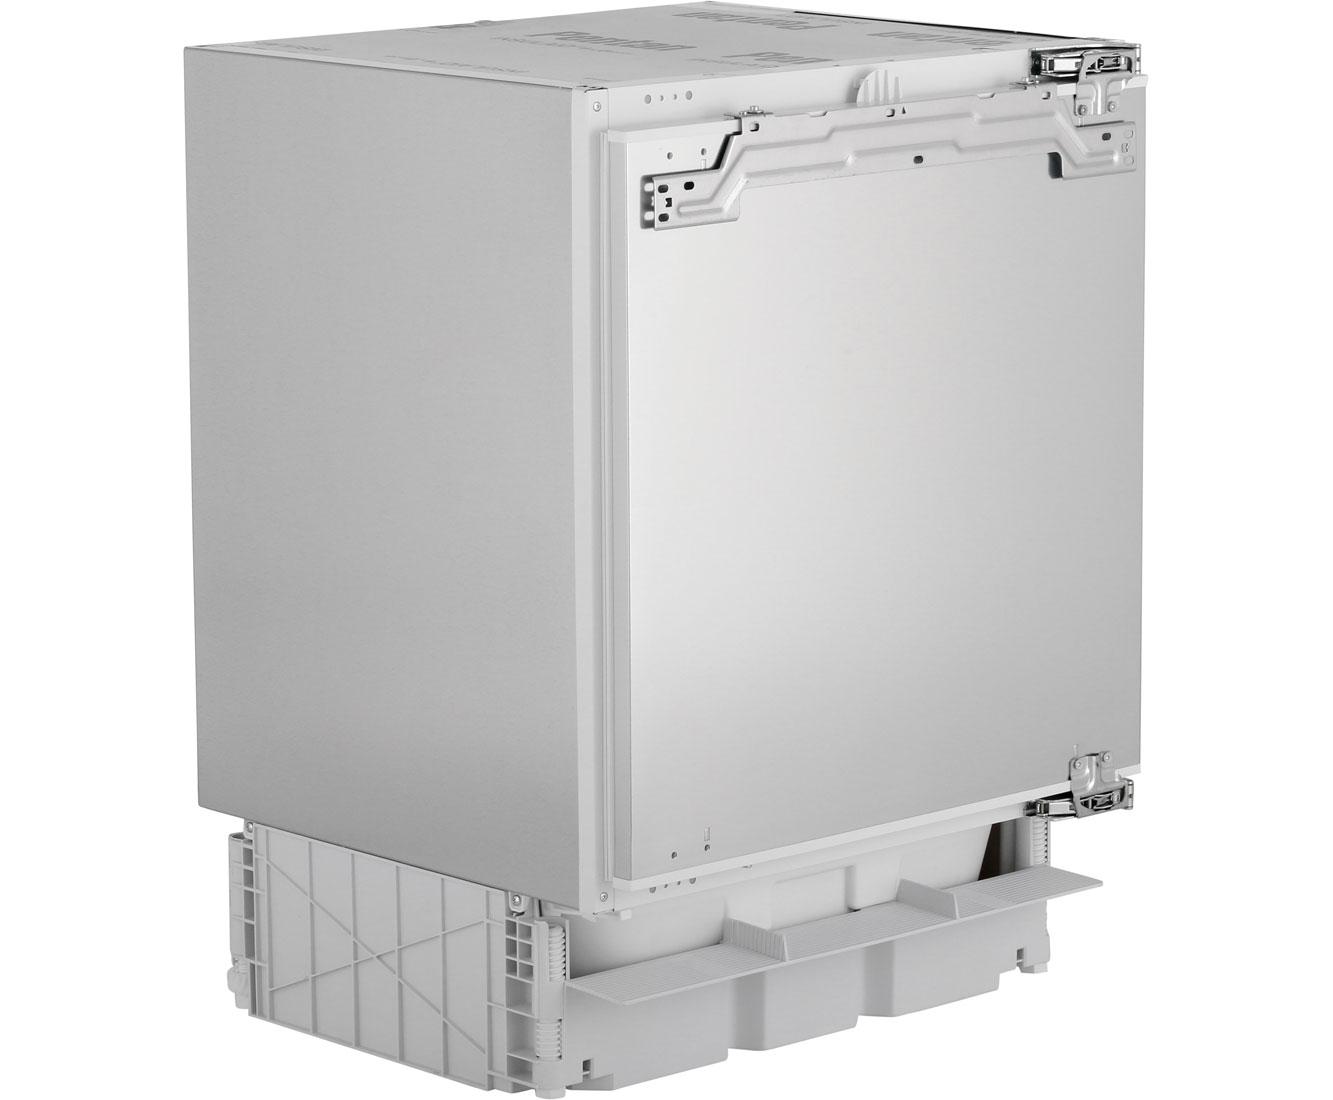 Mini Kühlschrank Mit Gefrierfach Für Pizza : Siemens ku la unterbau kühlschrank mit gefrierfach er